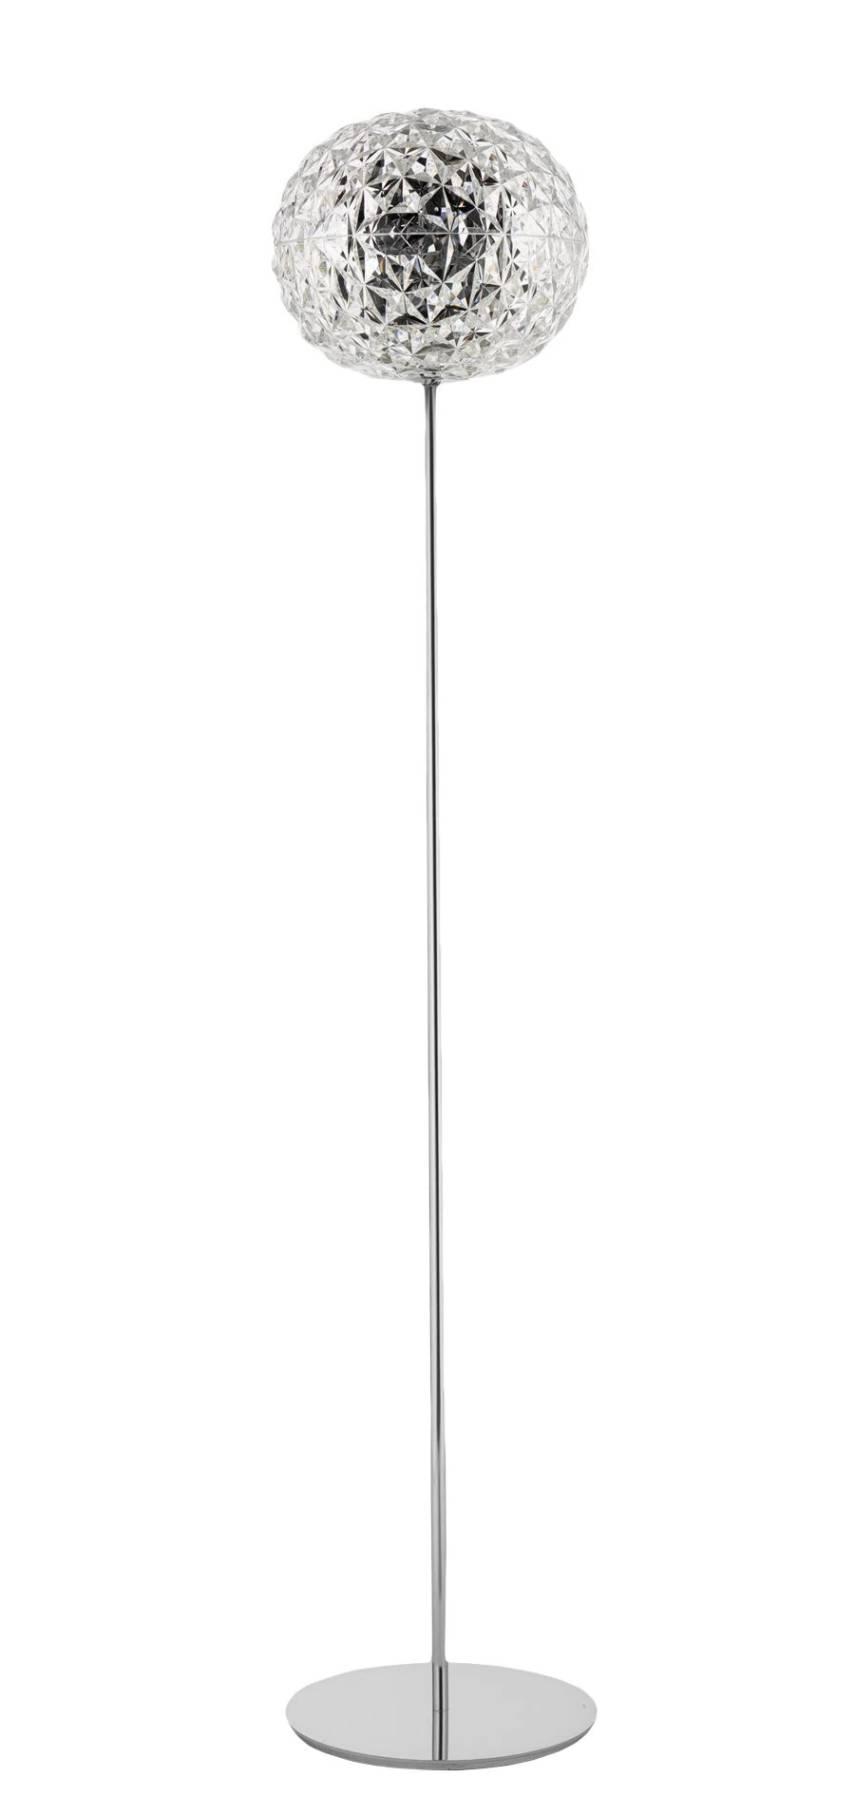 Planet LED Stehleuchte mit Dimmer, H 160 cm